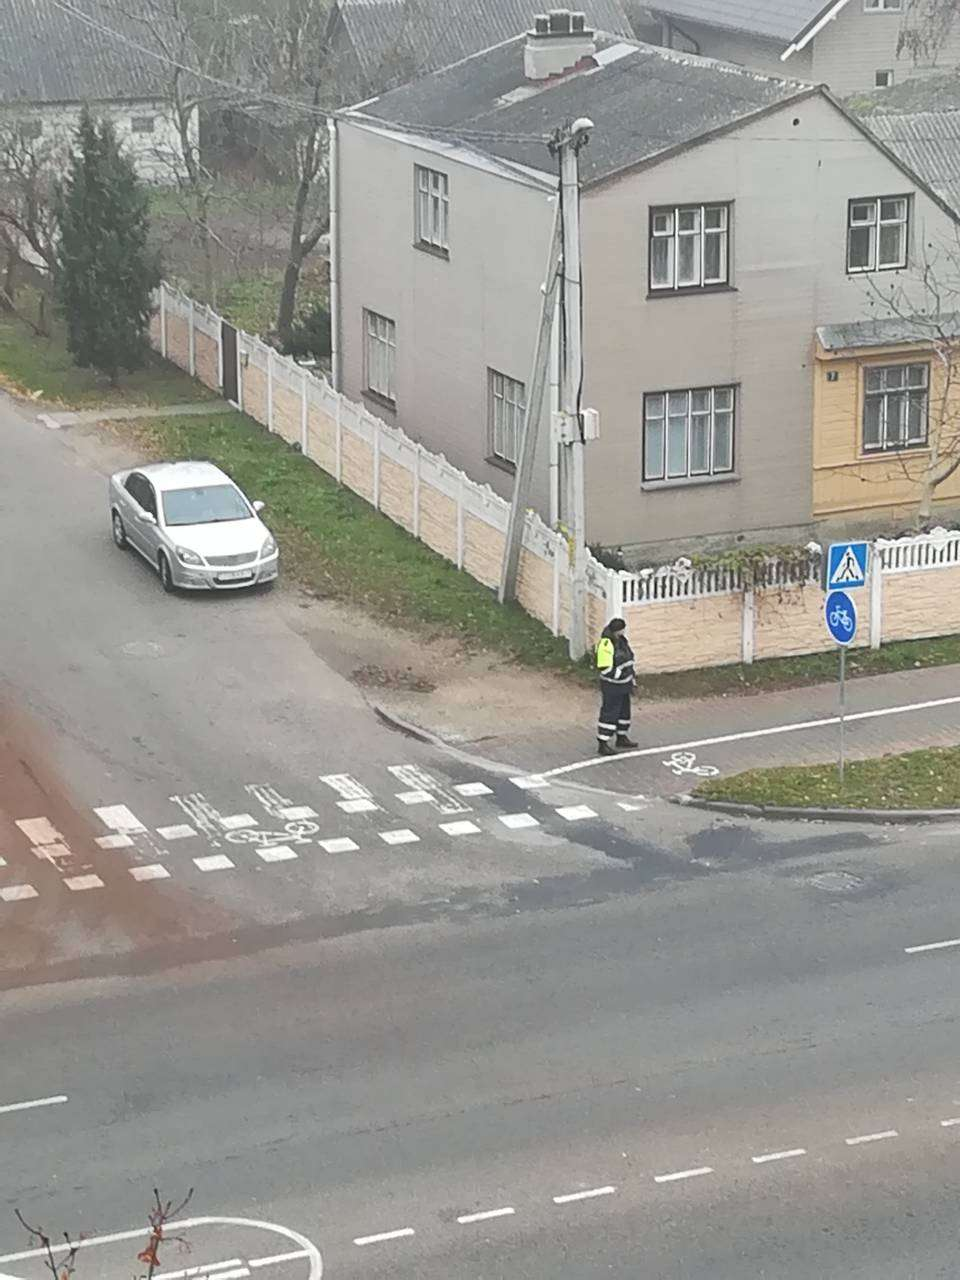 ДТП в Кобрине с участием автомобиля ГАИ в гражданском исполнении